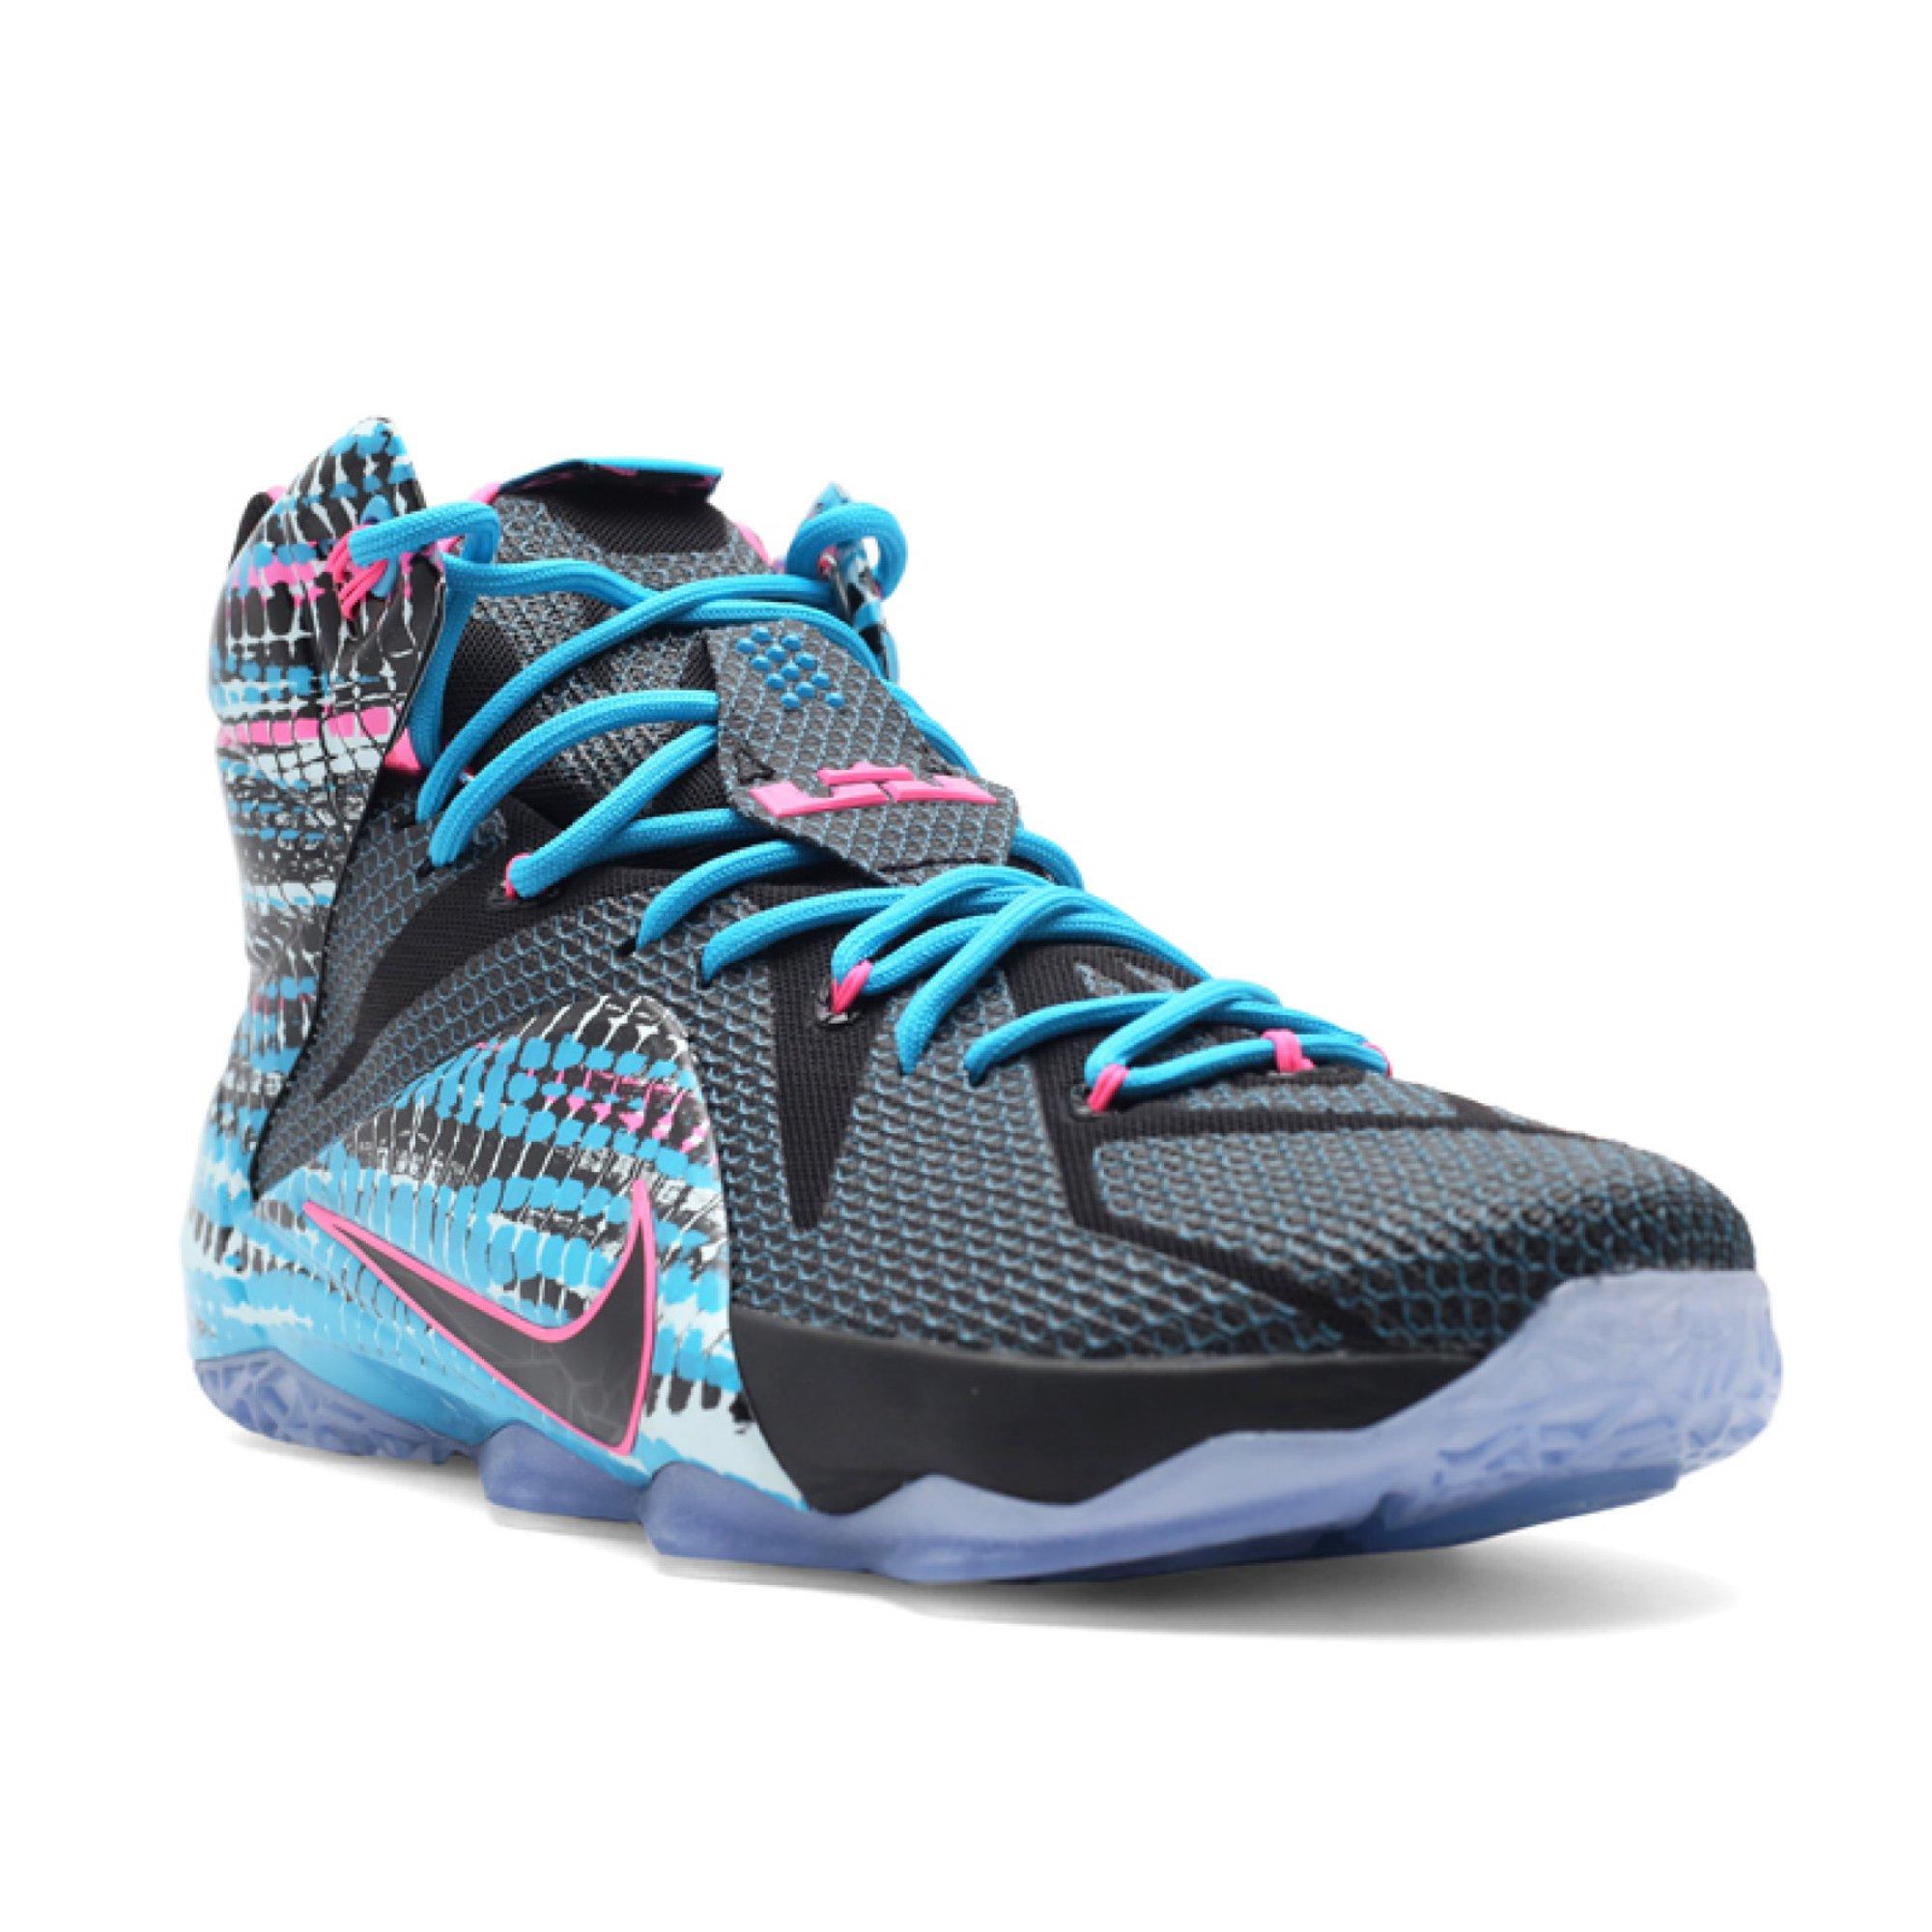 cc8c5ae33083 Nike - Men - Lebron 12  23 Chromosomes  - 684593-006 - Size 11 ...